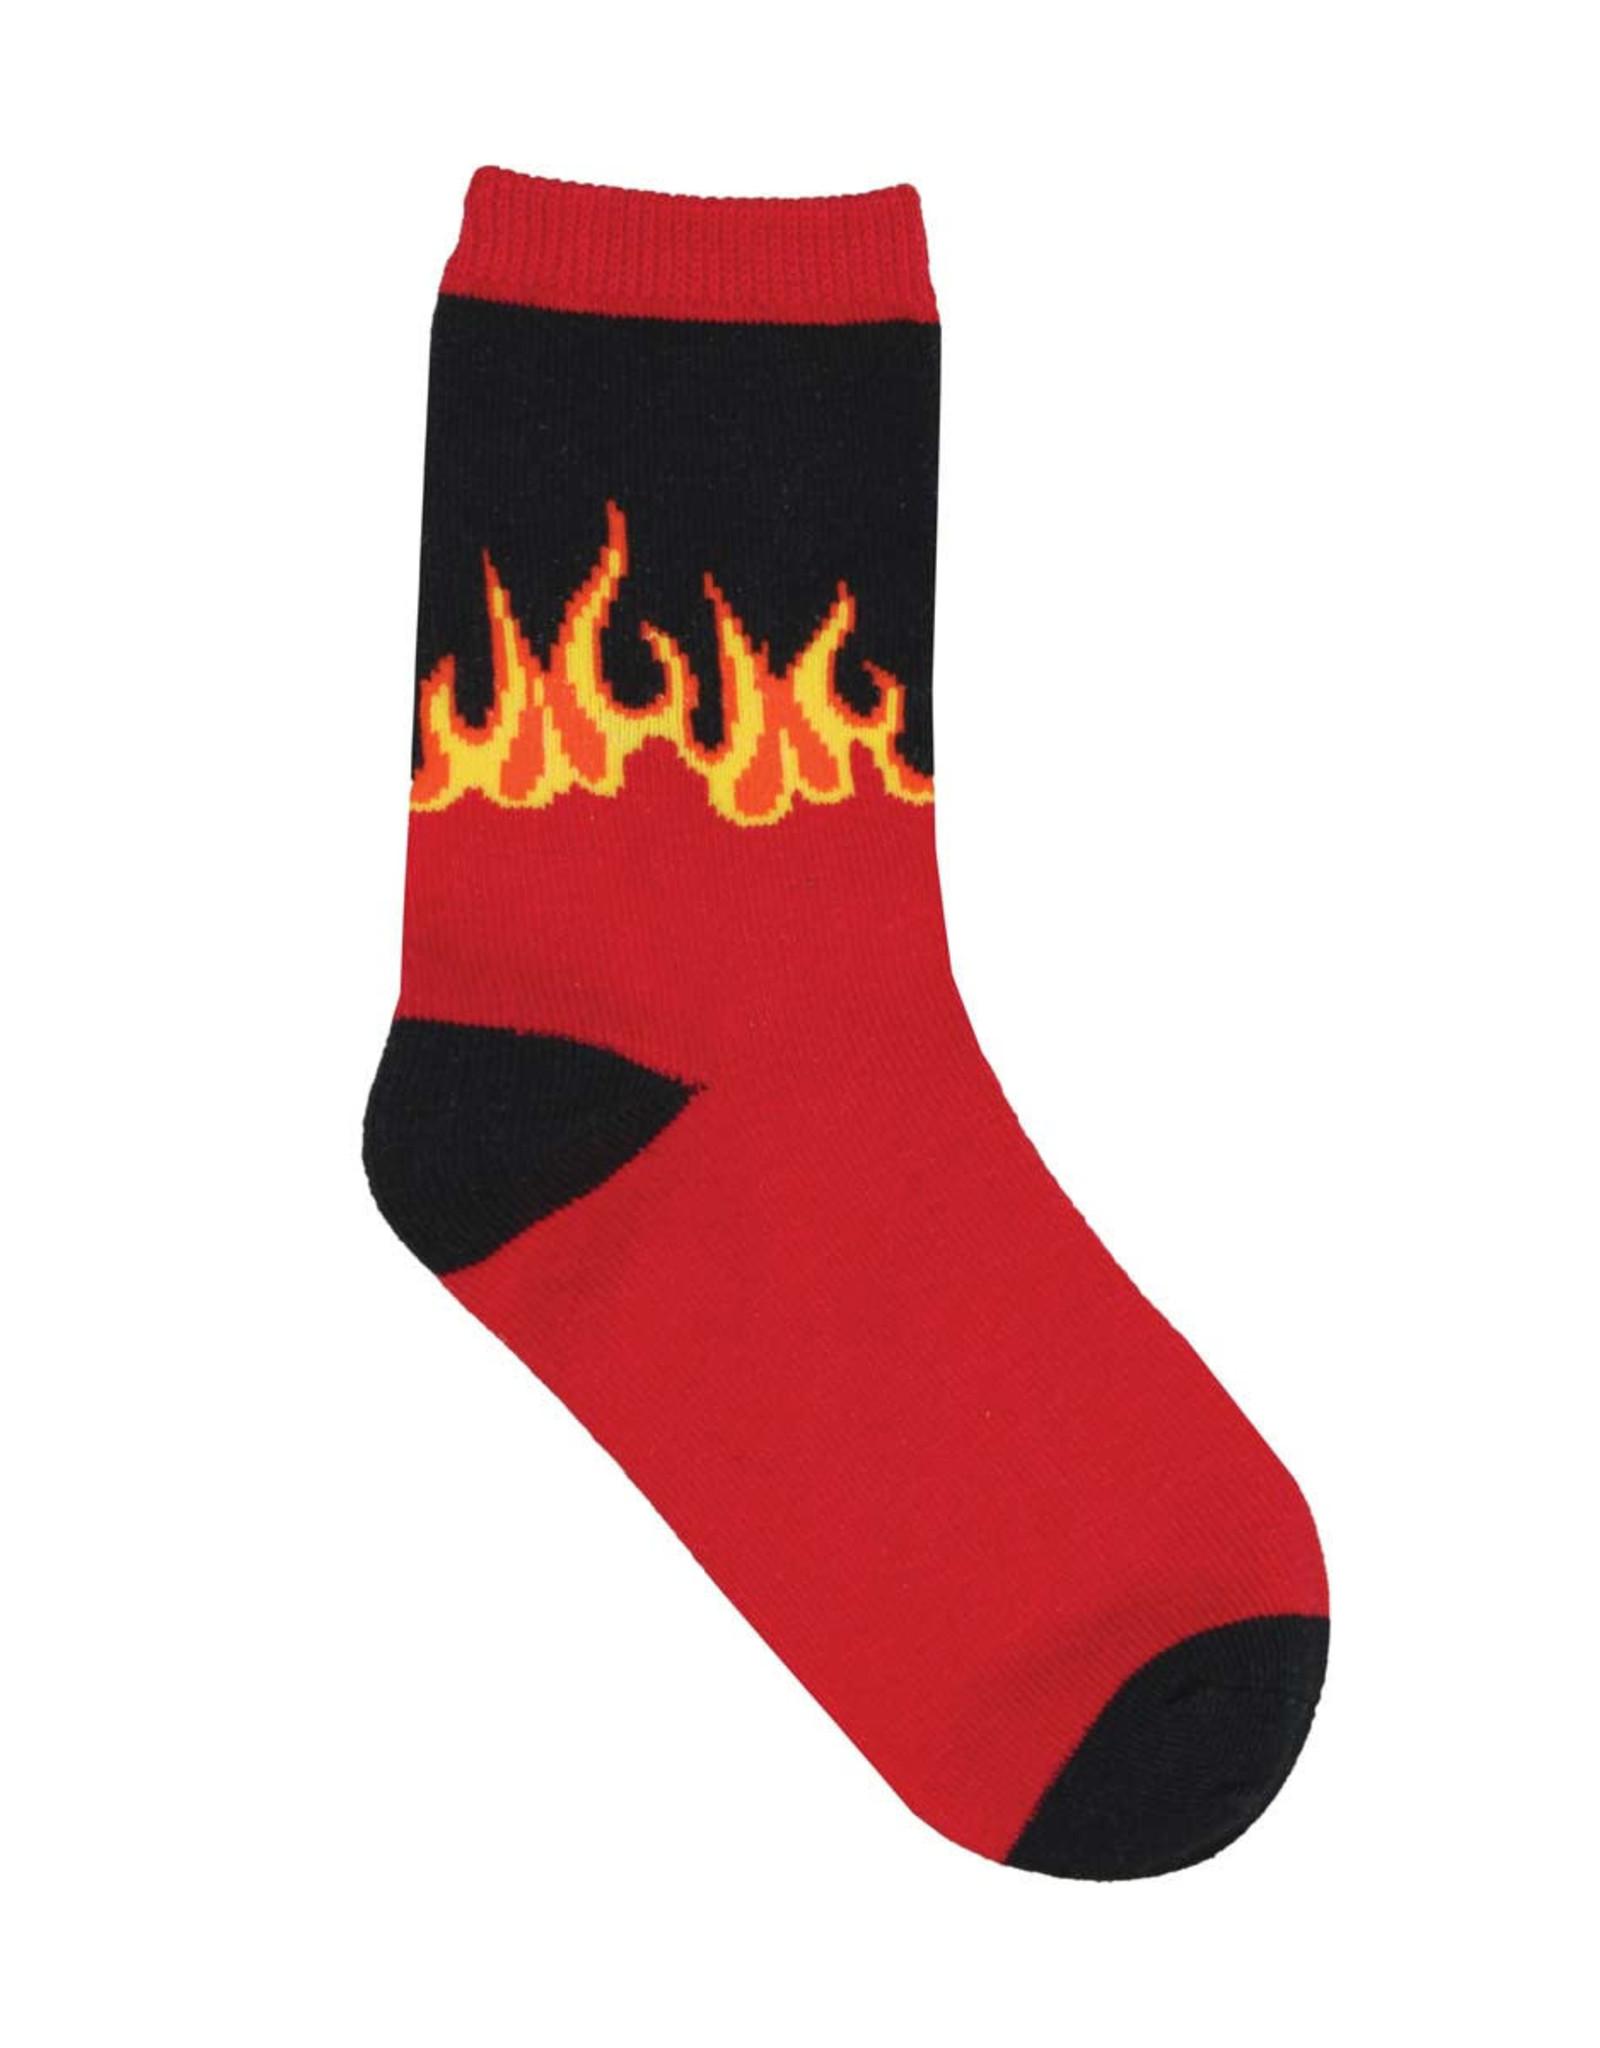 Socksmith Fired Up Socks